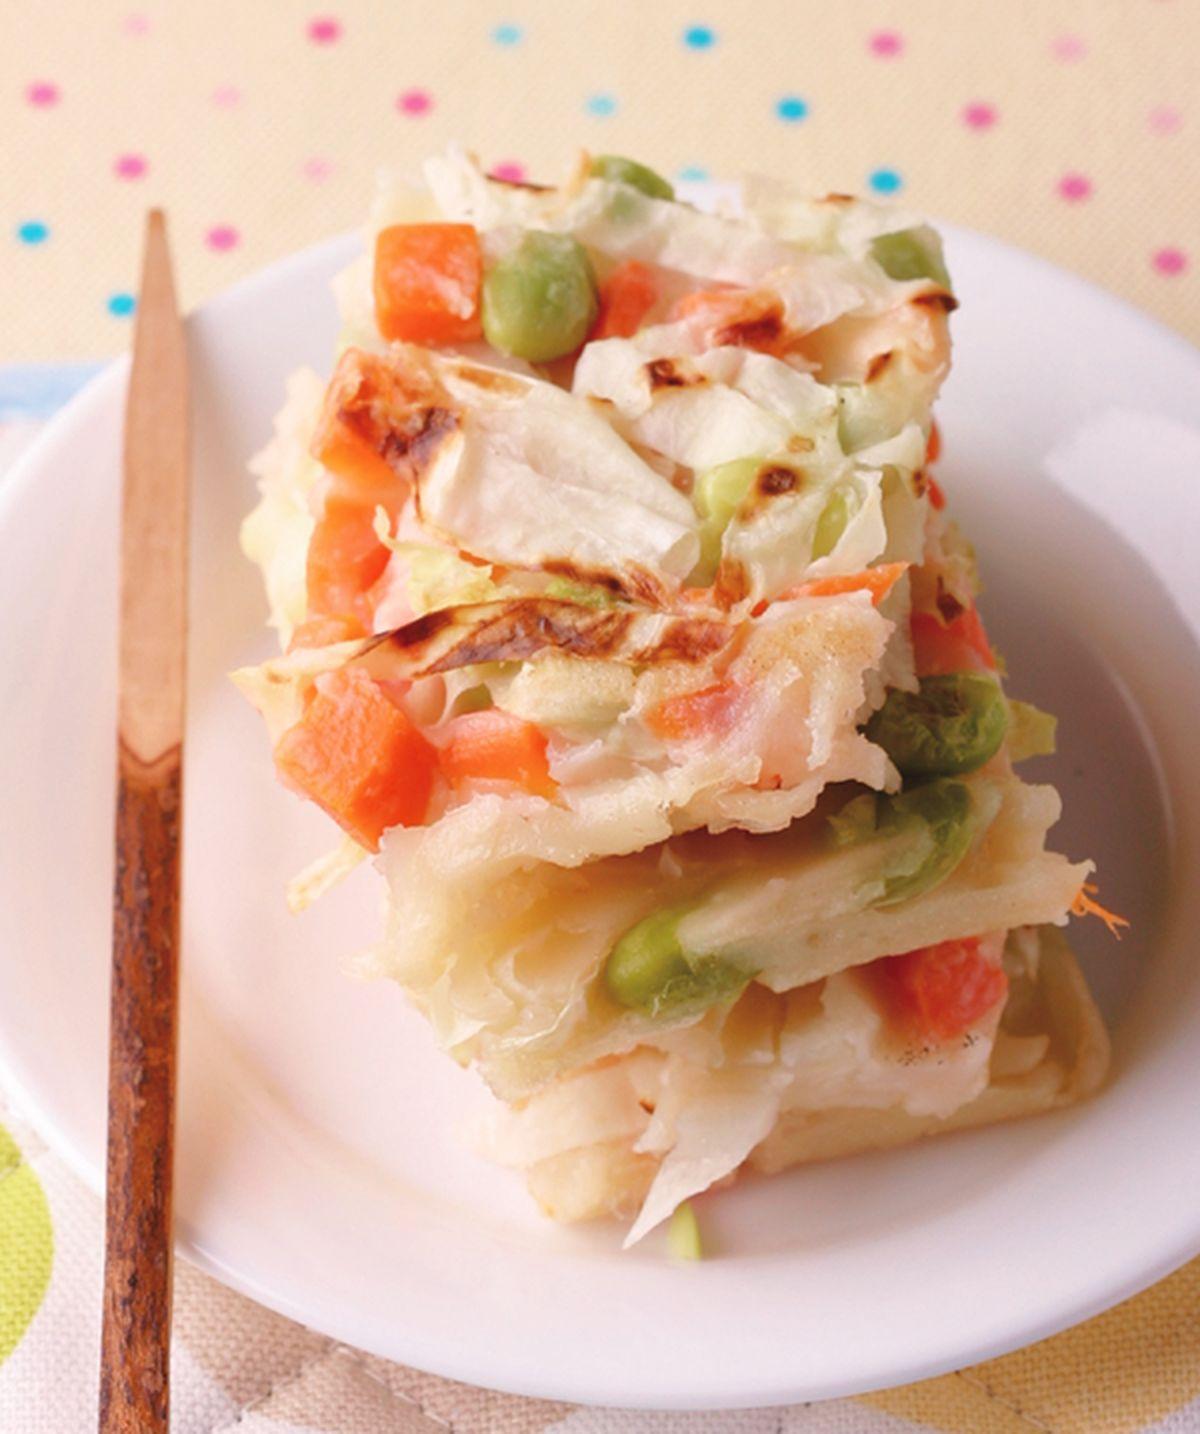 食譜:蔬菜蛋餅燒